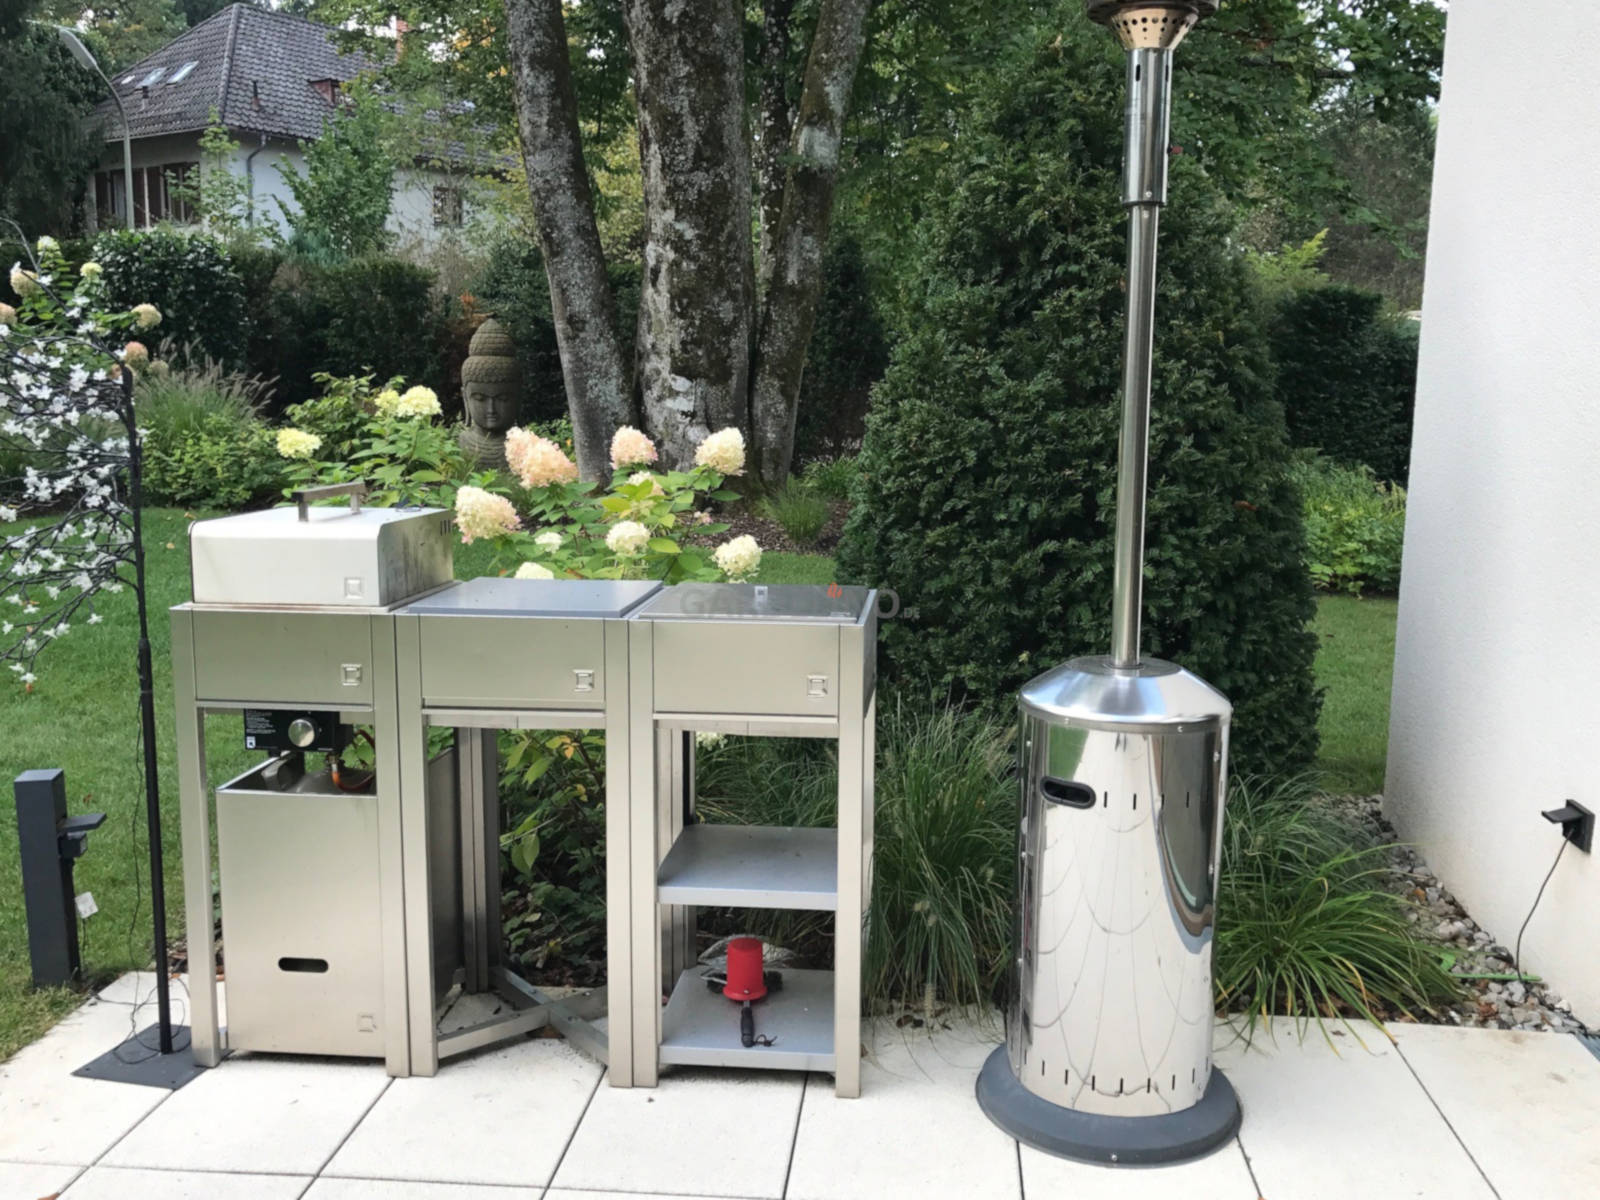 Outdoorküche Garten Jobs : Trendige ideen für die outdoor küche im garten trendomat